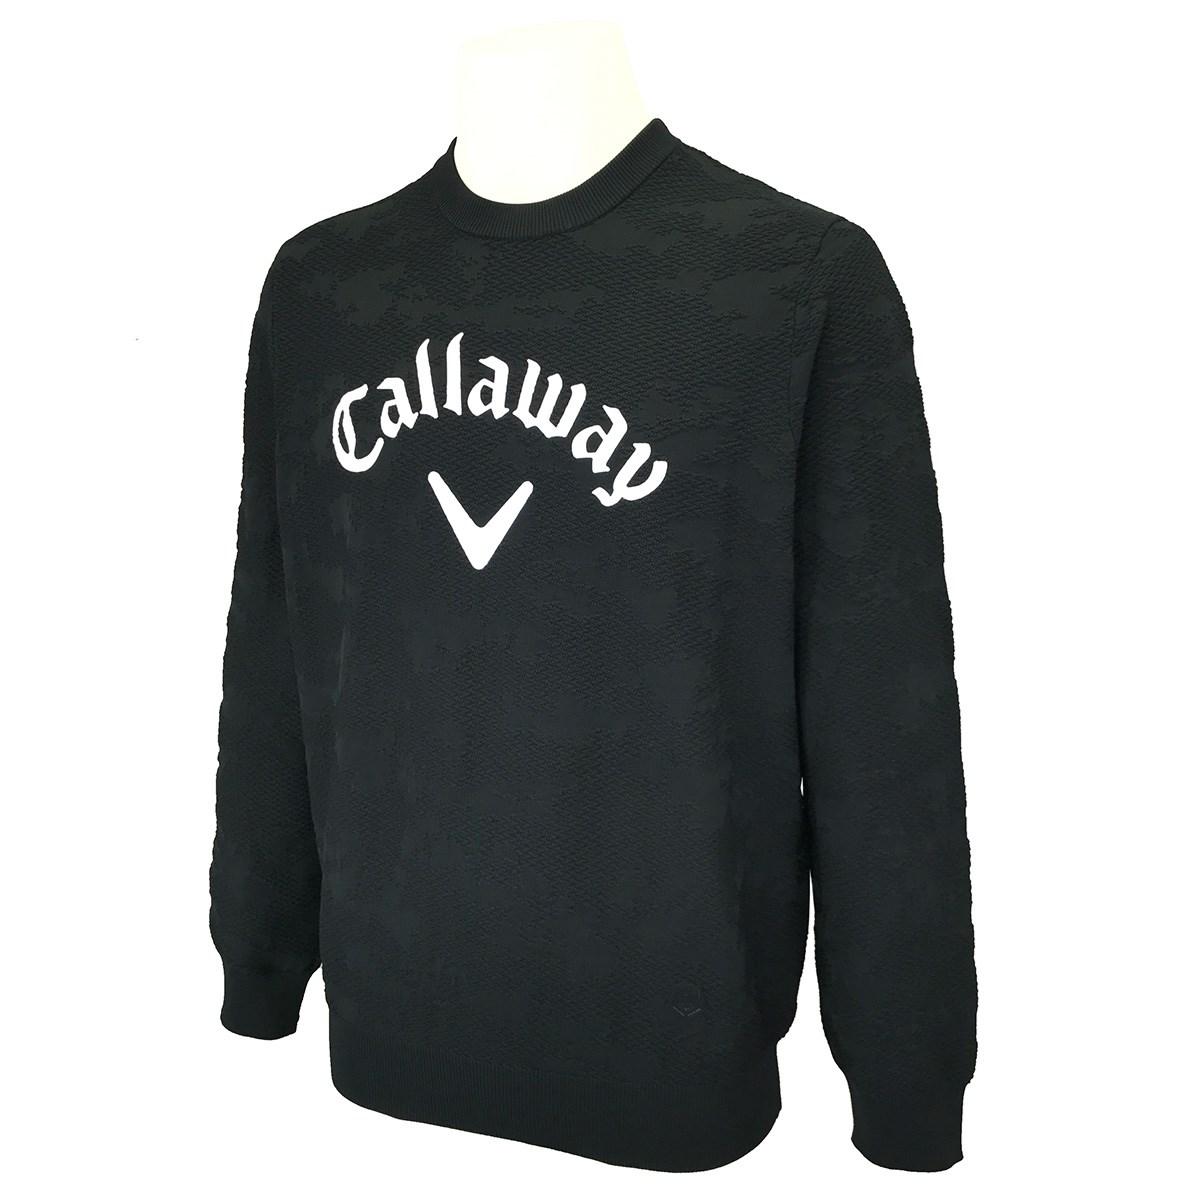 キャロウェイゴルフ(Callaway Golf) 雲柄ジャガード撥水セーター